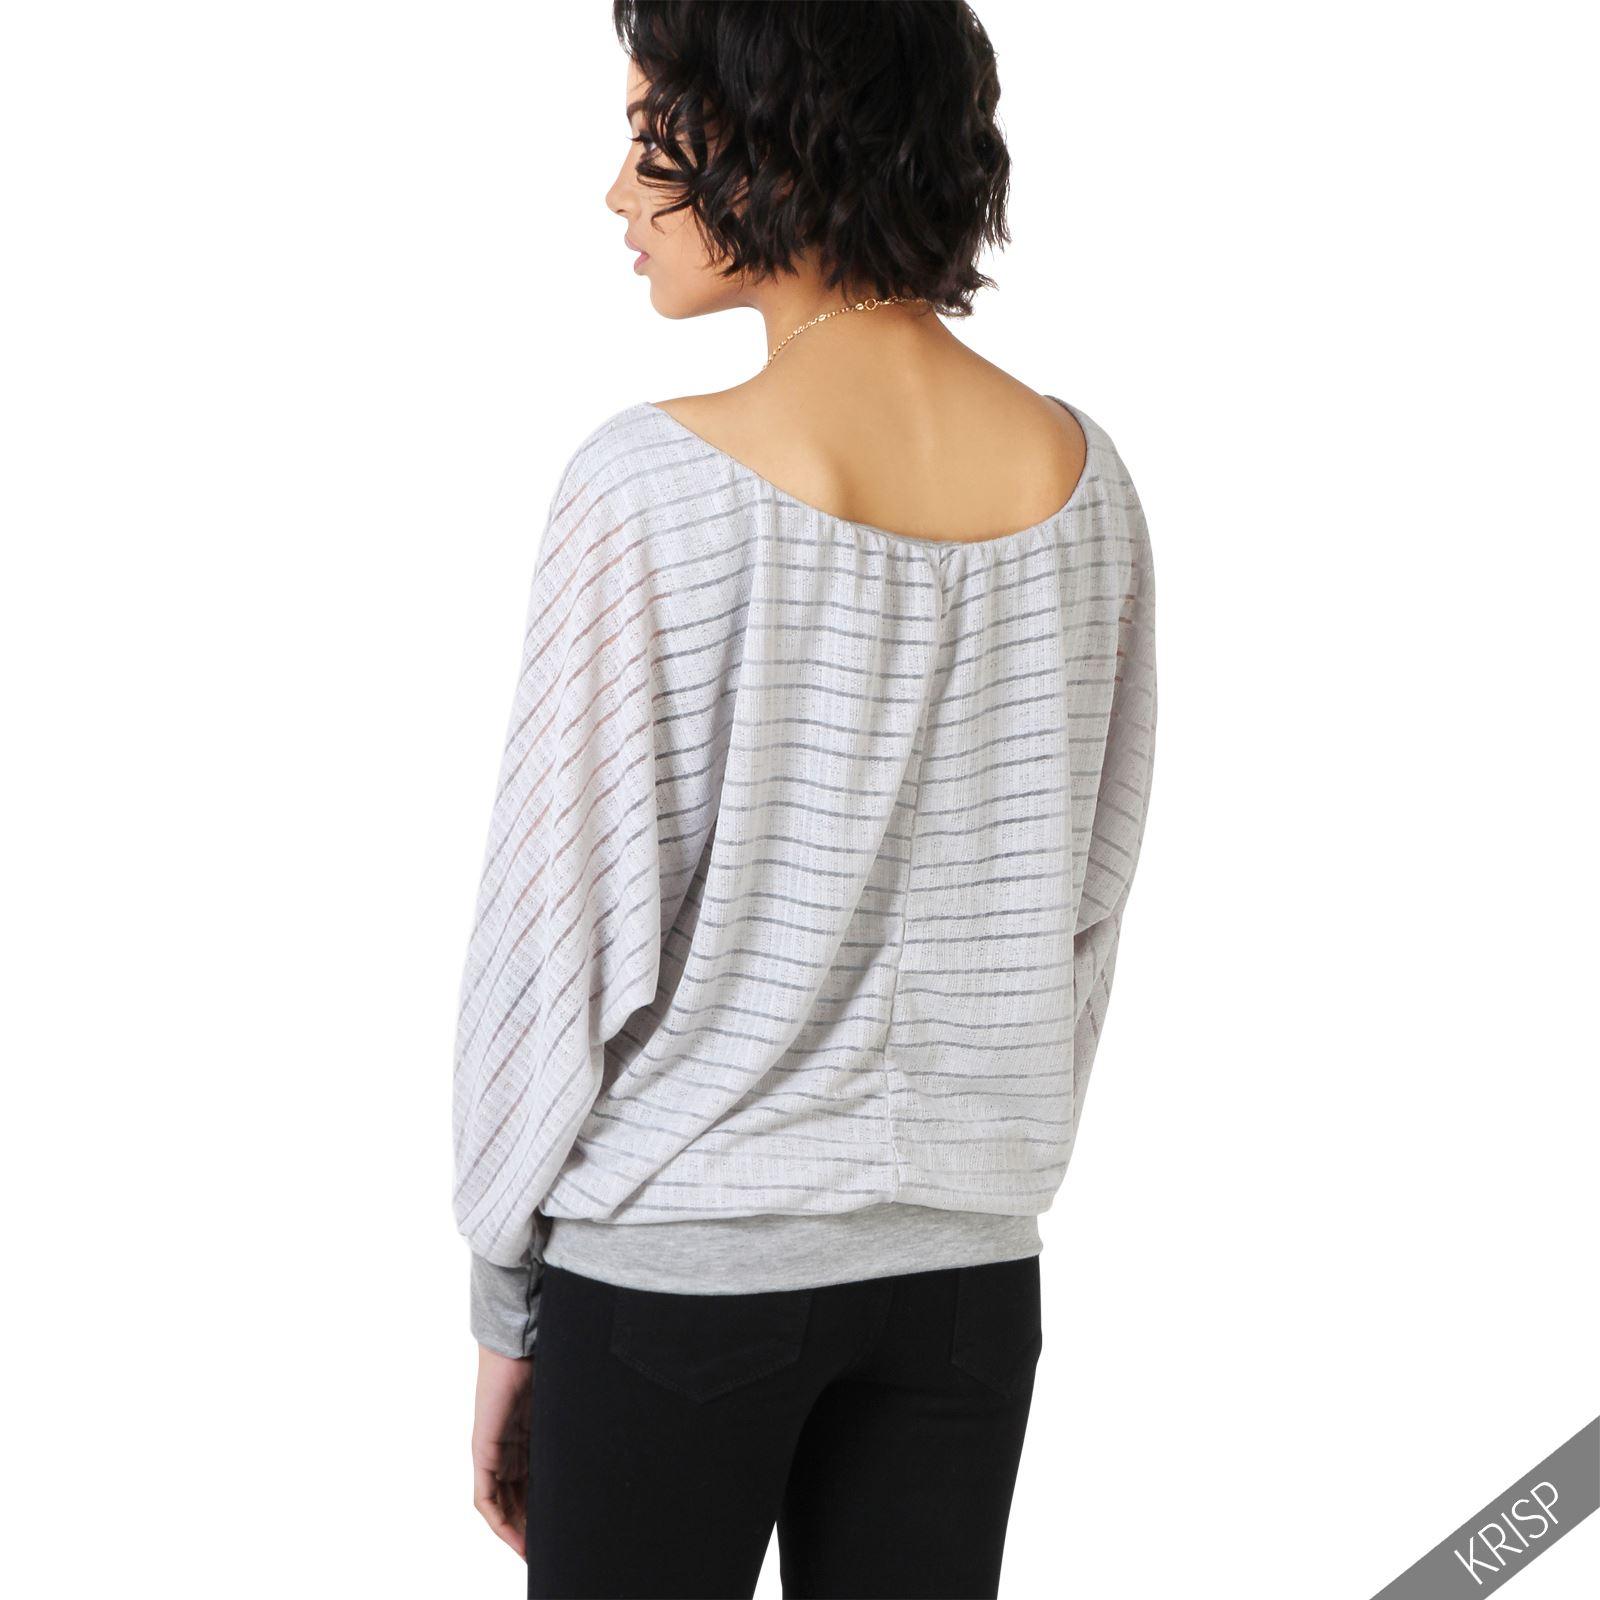 damen elegante bluse fledermaus oberteil gestreiftes shirt. Black Bedroom Furniture Sets. Home Design Ideas